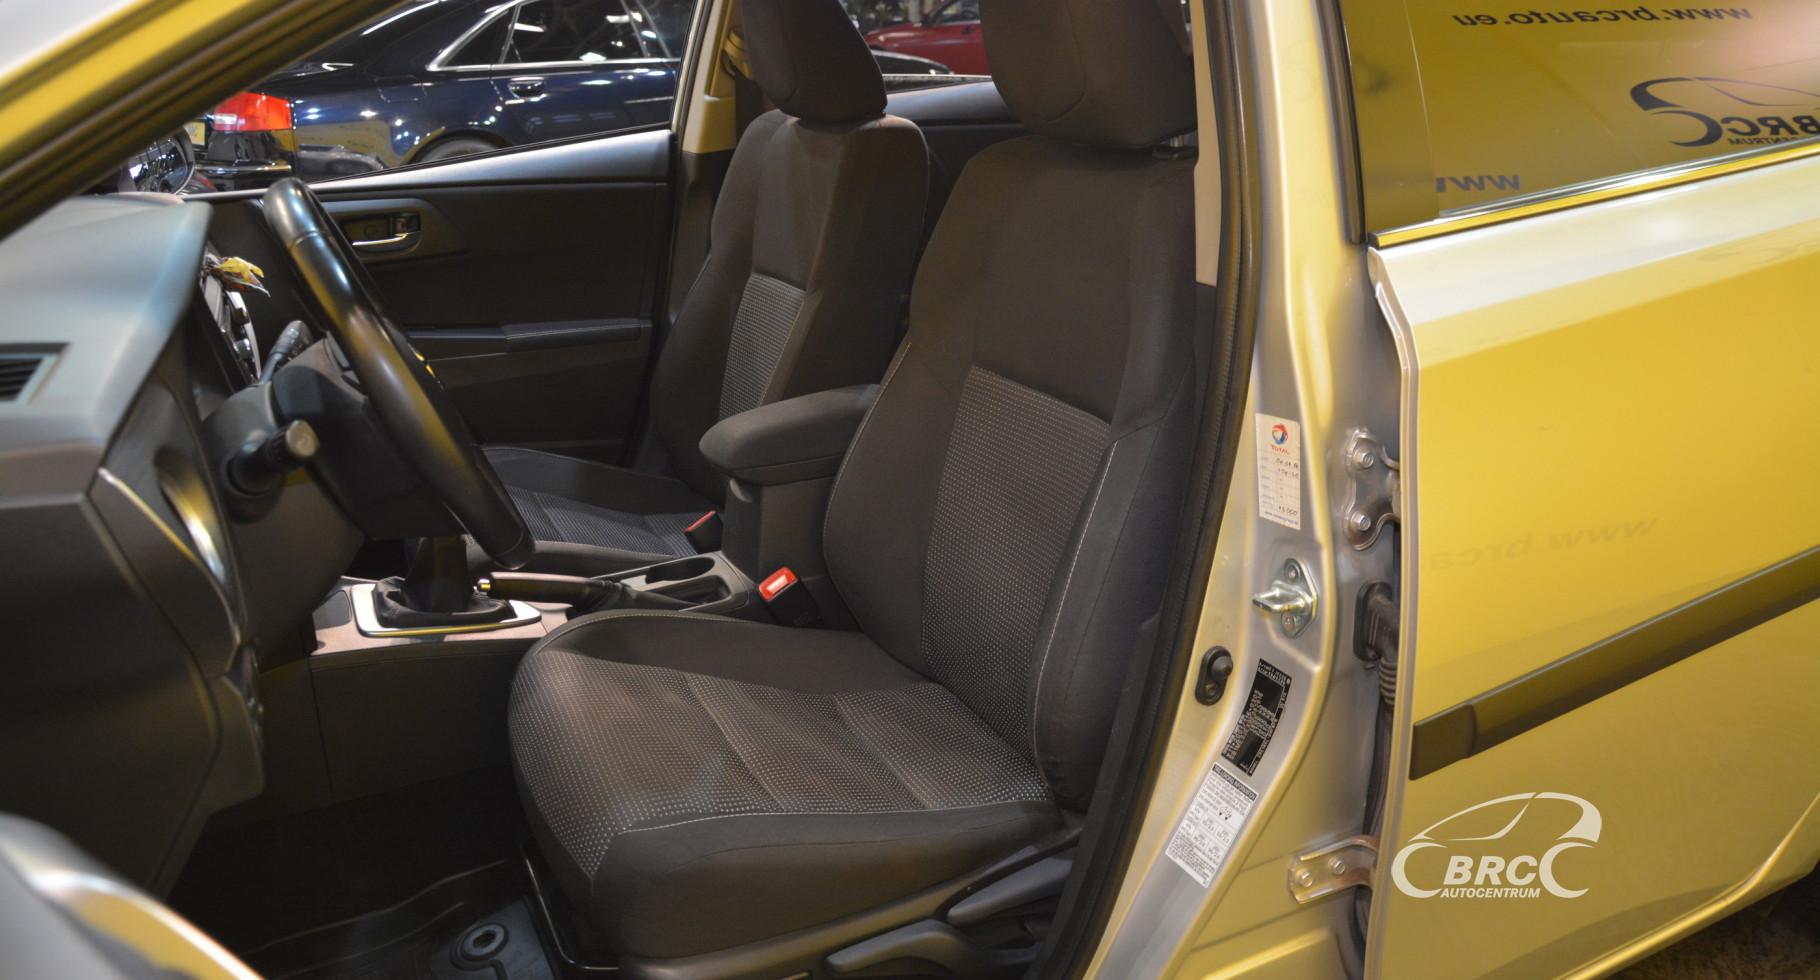 Toyota Auris 1.6 VVT-i